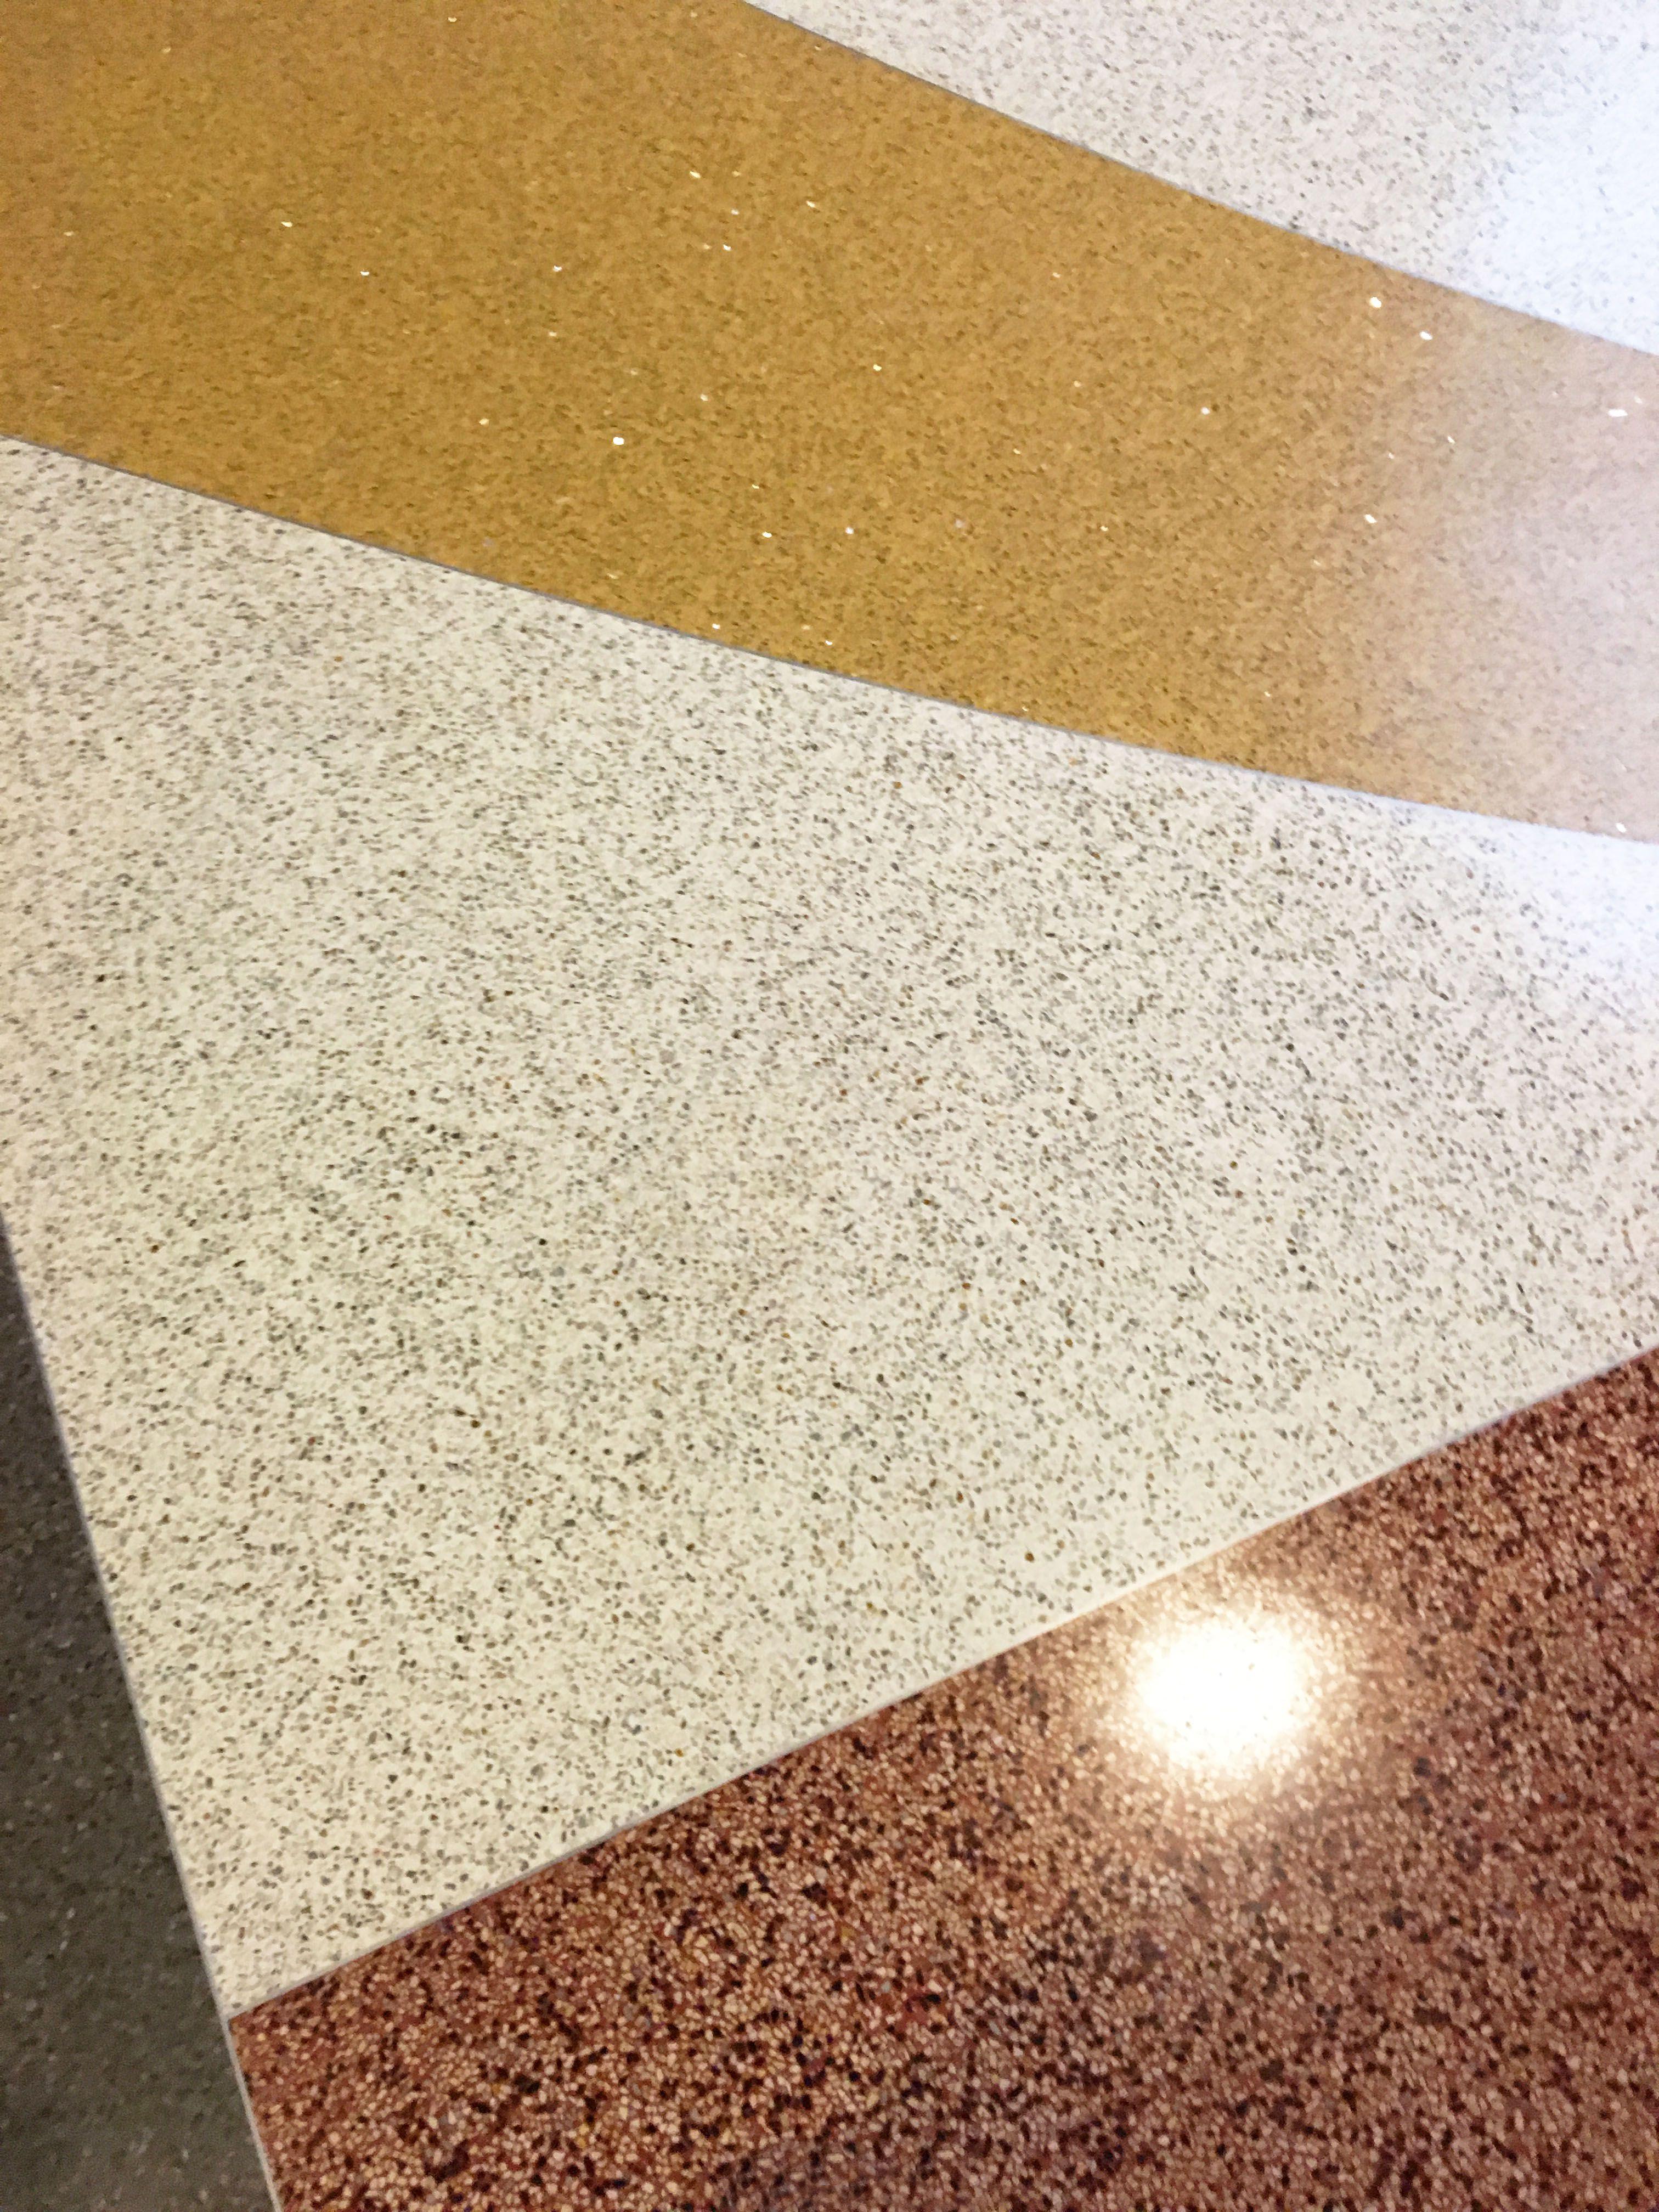 Epoxy Resin Terrazzo Terrazzo Flooring Flooring